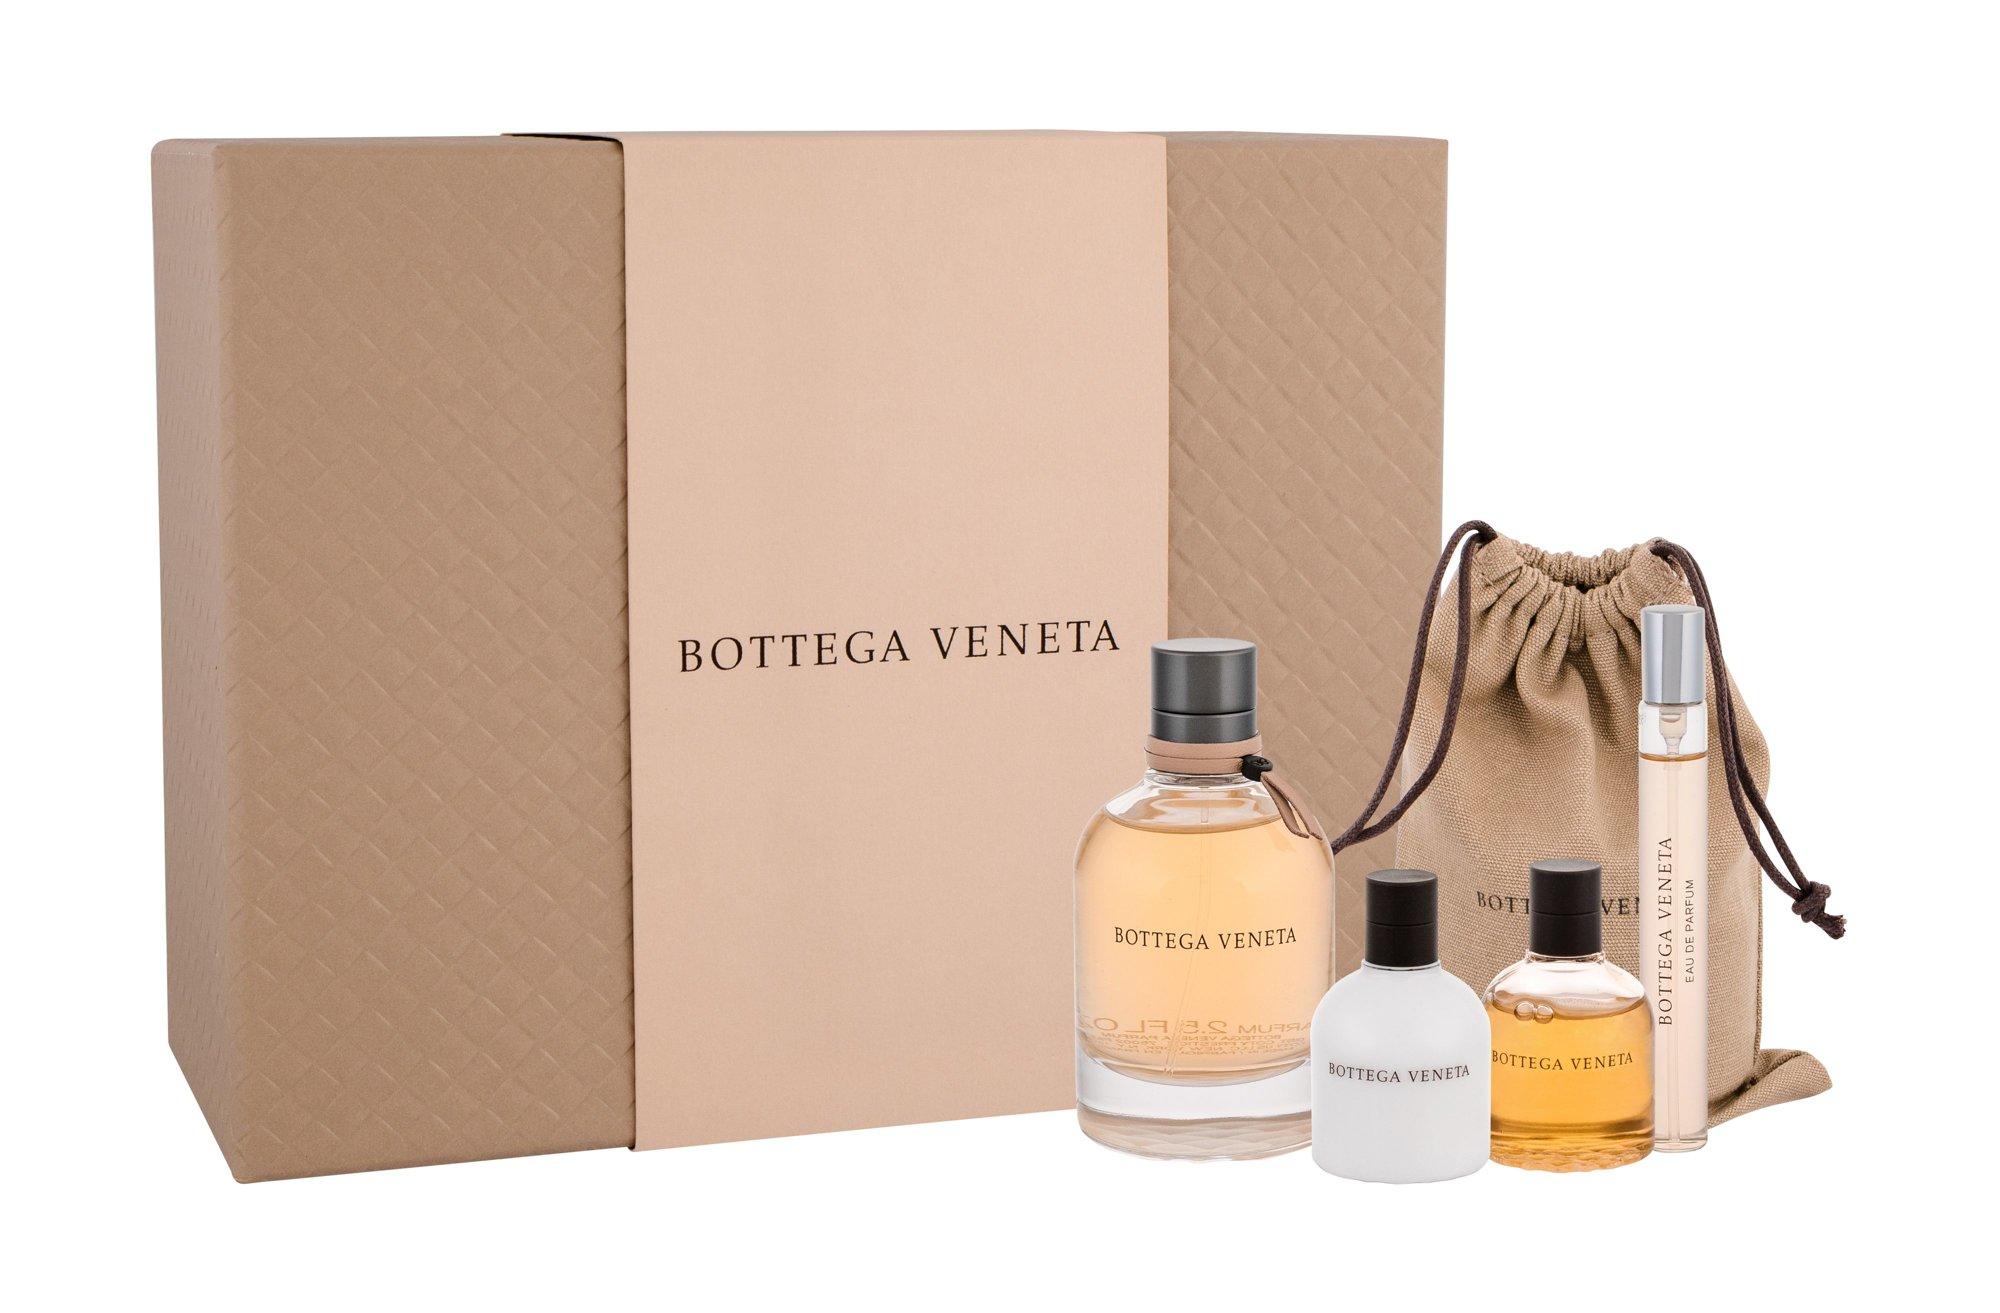 Bottega Veneta Bottega Veneta Eau de Parfum 75ml